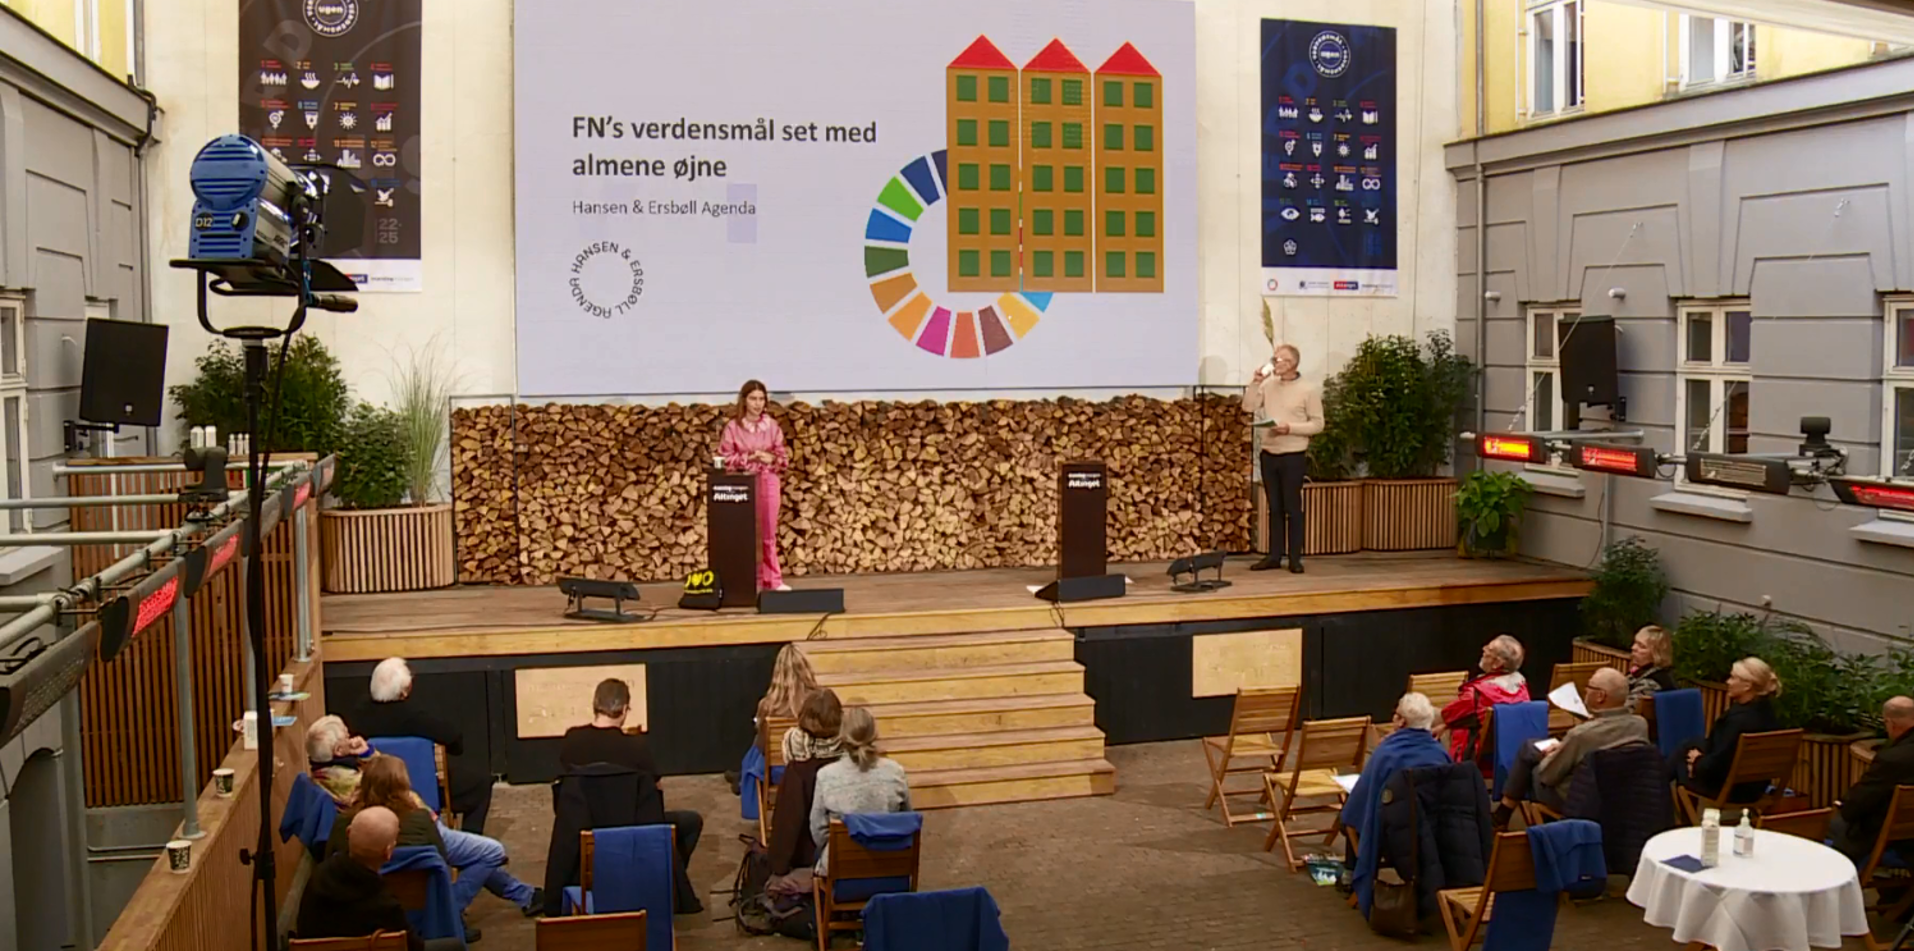 Målbar bæredygtighed i den almene boligsektor er vejen frem